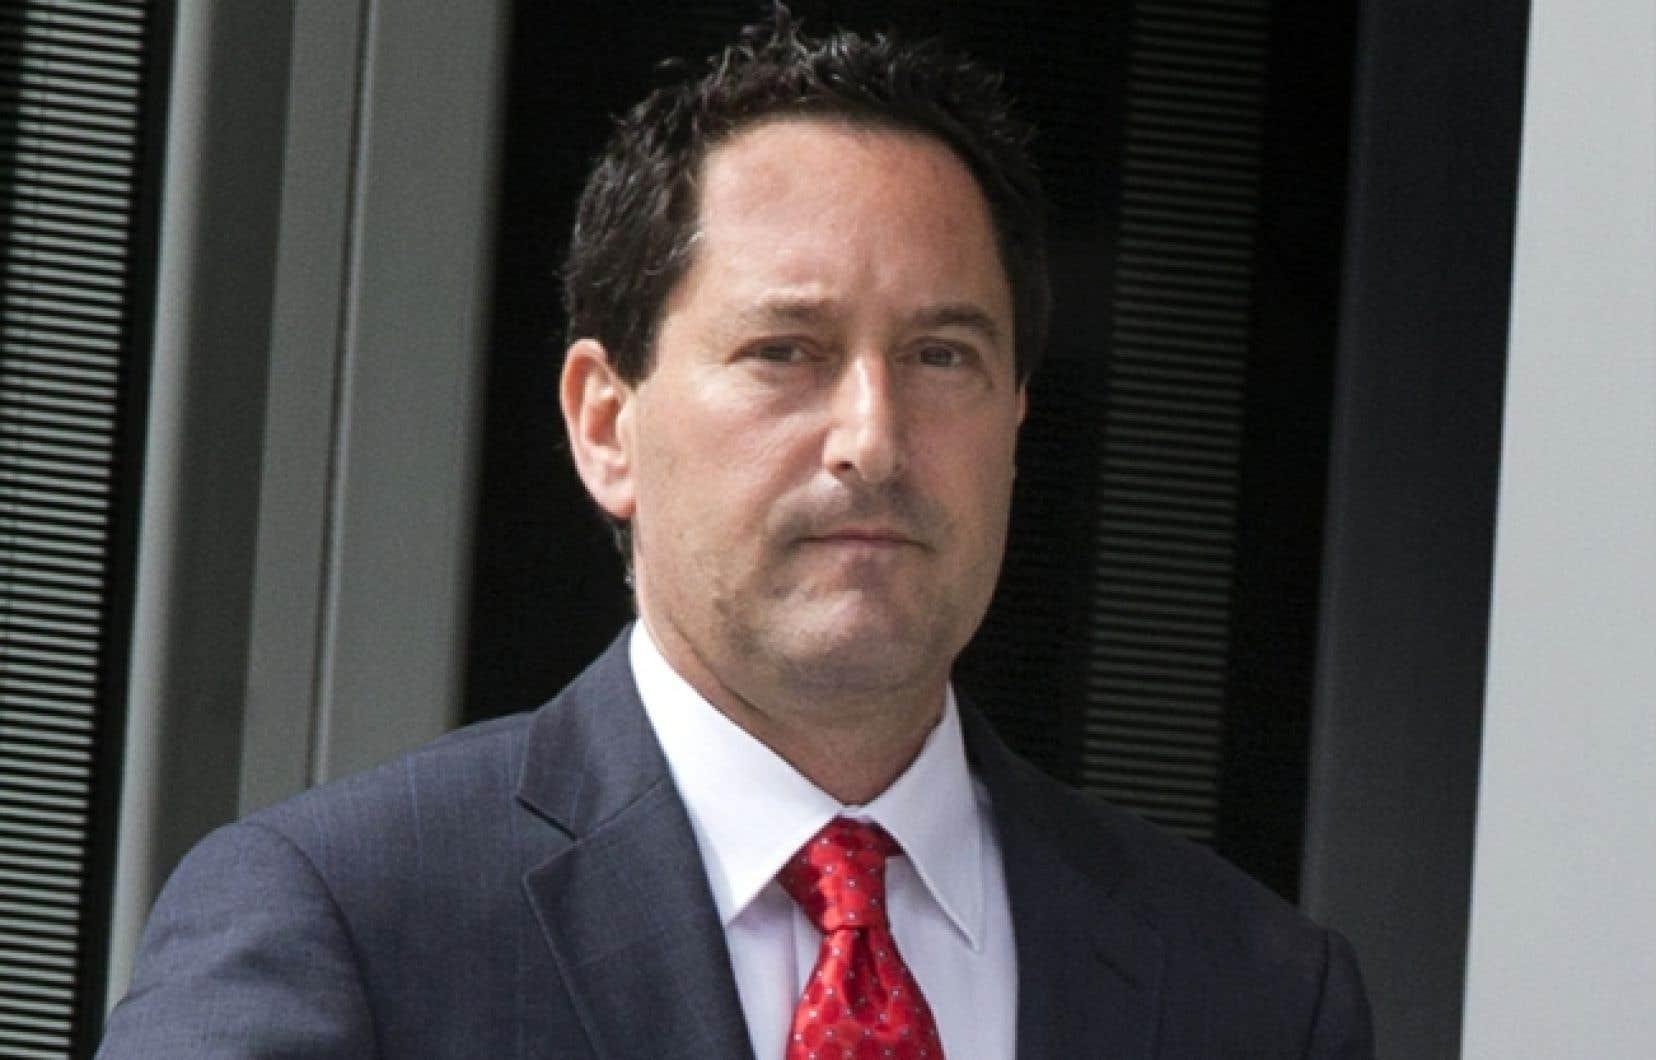 Michael Applebaum fait face à 14 chefs d'accusation pour fraude, complot, abus de confiance et actes de corruption dans les affaires municipales. Il a démissionné de son poste de maire intérimaire un jour après son arrestation par l'UPAC.